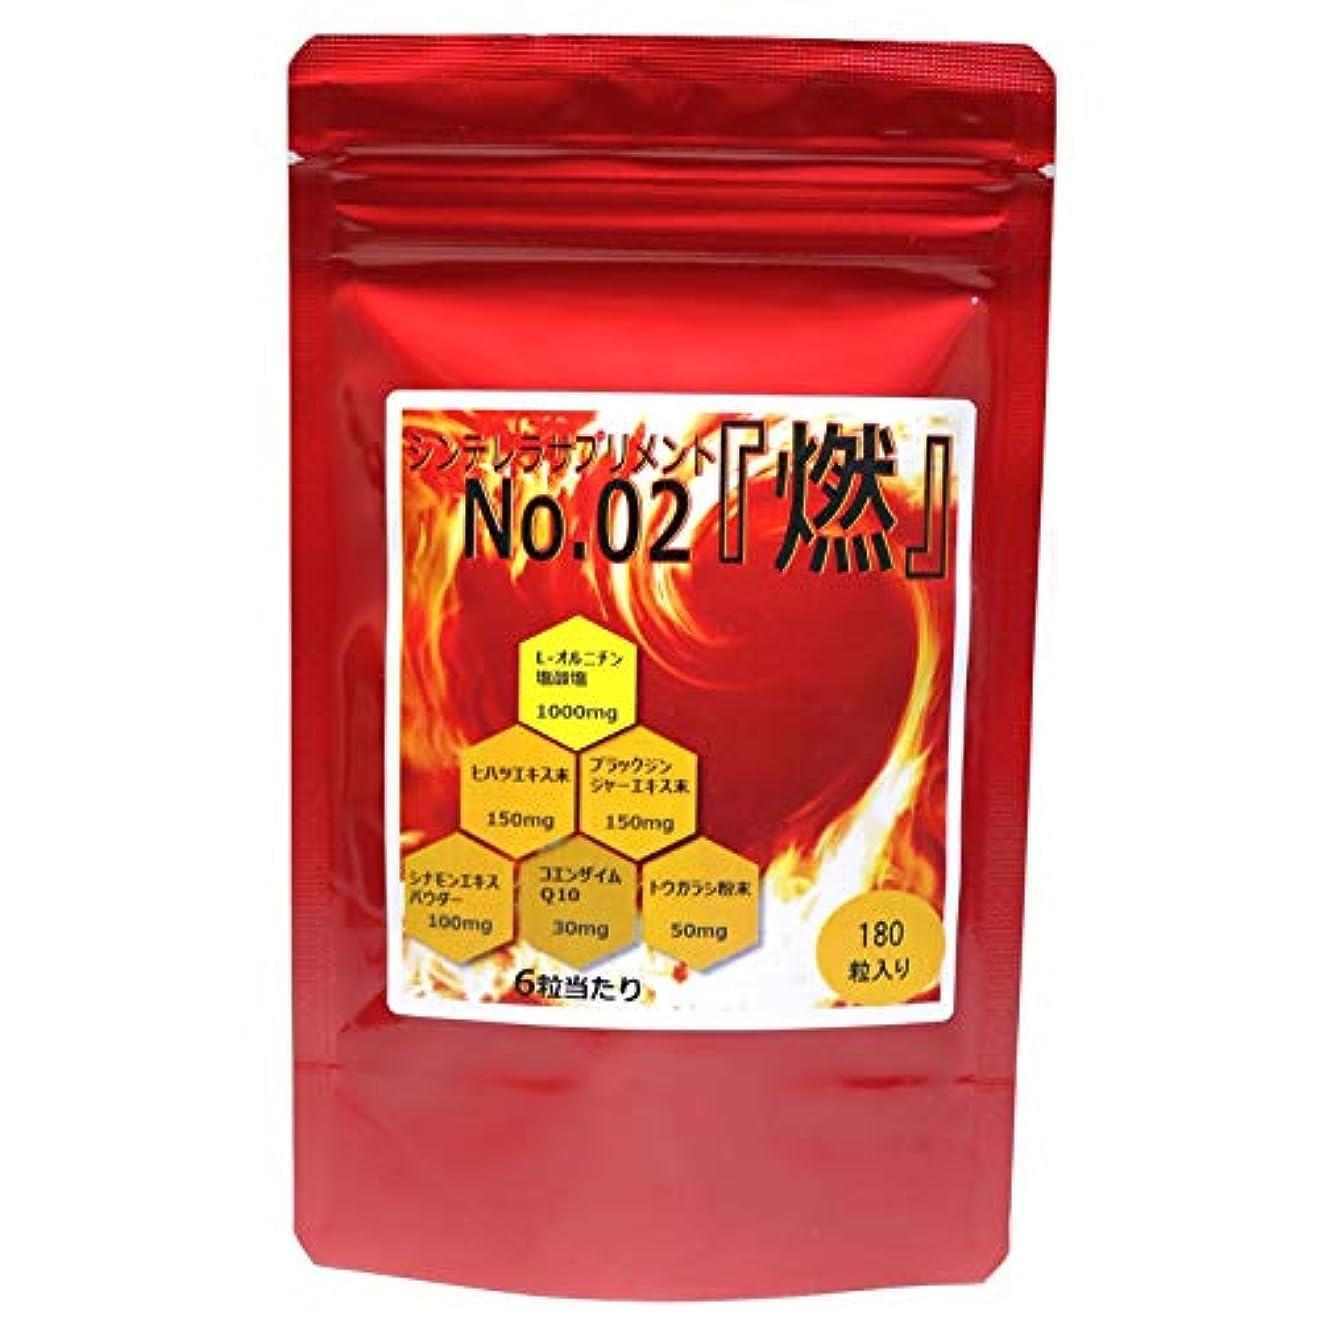 動員する等価見捨てられた薬剤師が新開発! 燃焼系 ダイエット サプリ シンデレラサプリメントシリーズ No.02『燃』